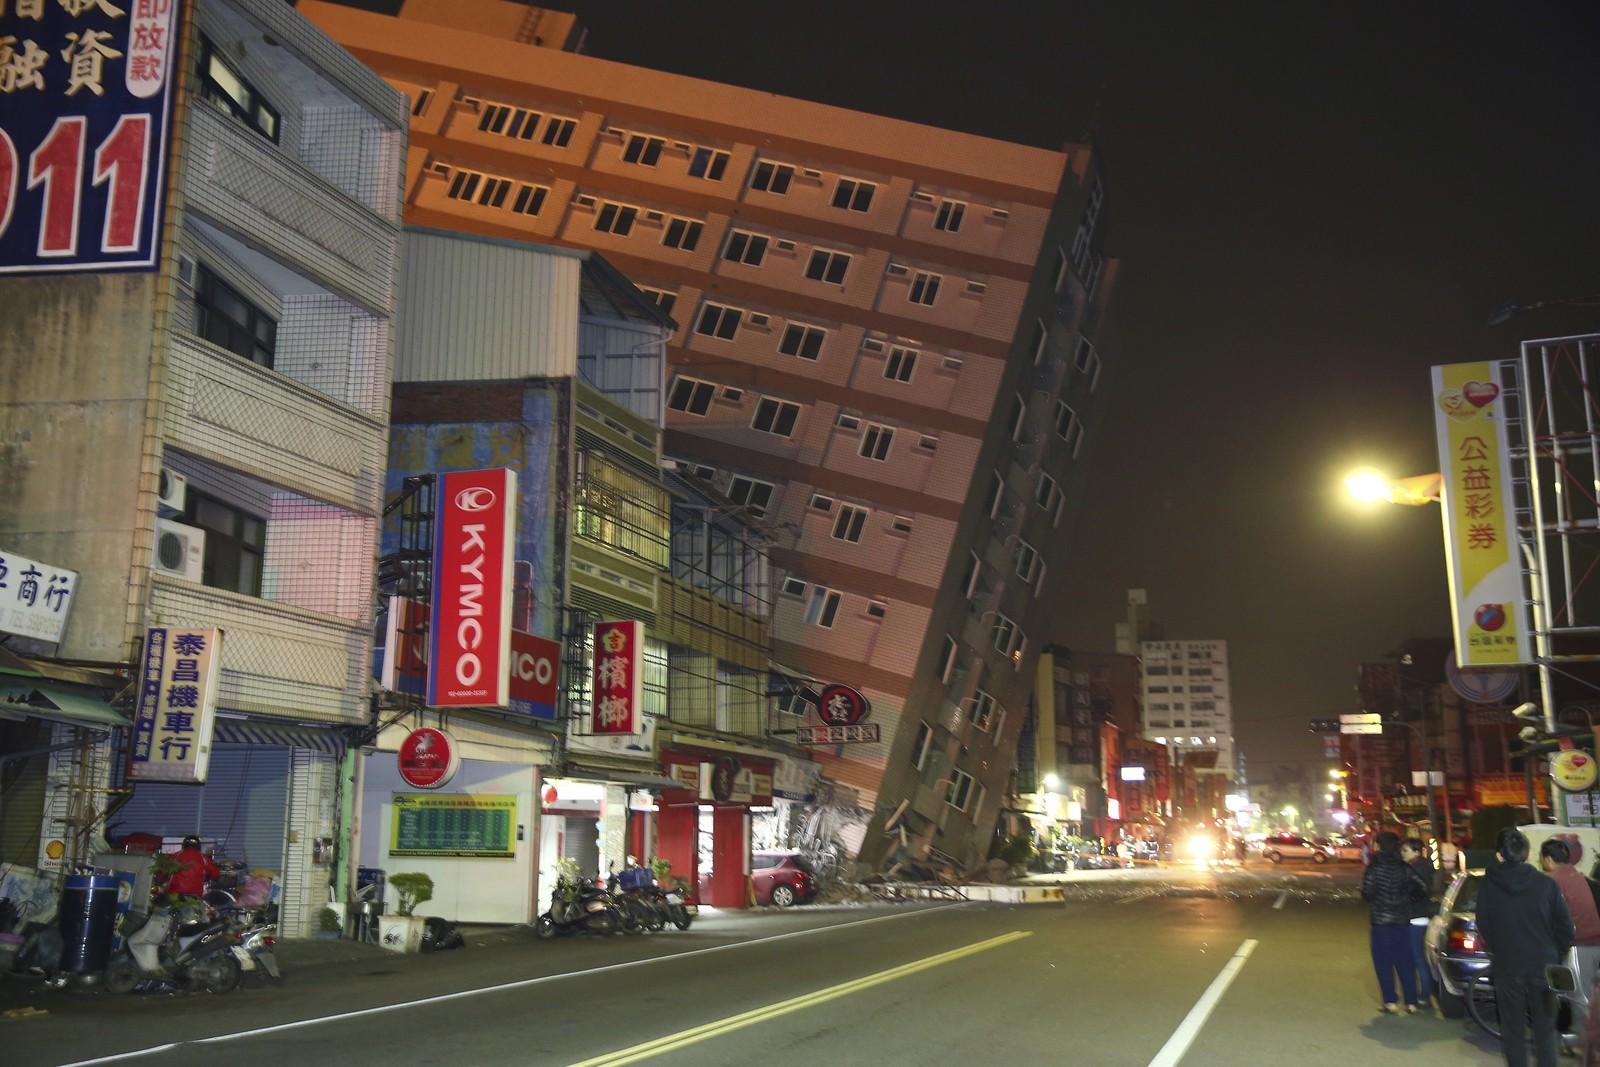 Denne bygningen i byen Tainan kolapset halvveis da jordskjelvet inntraff.